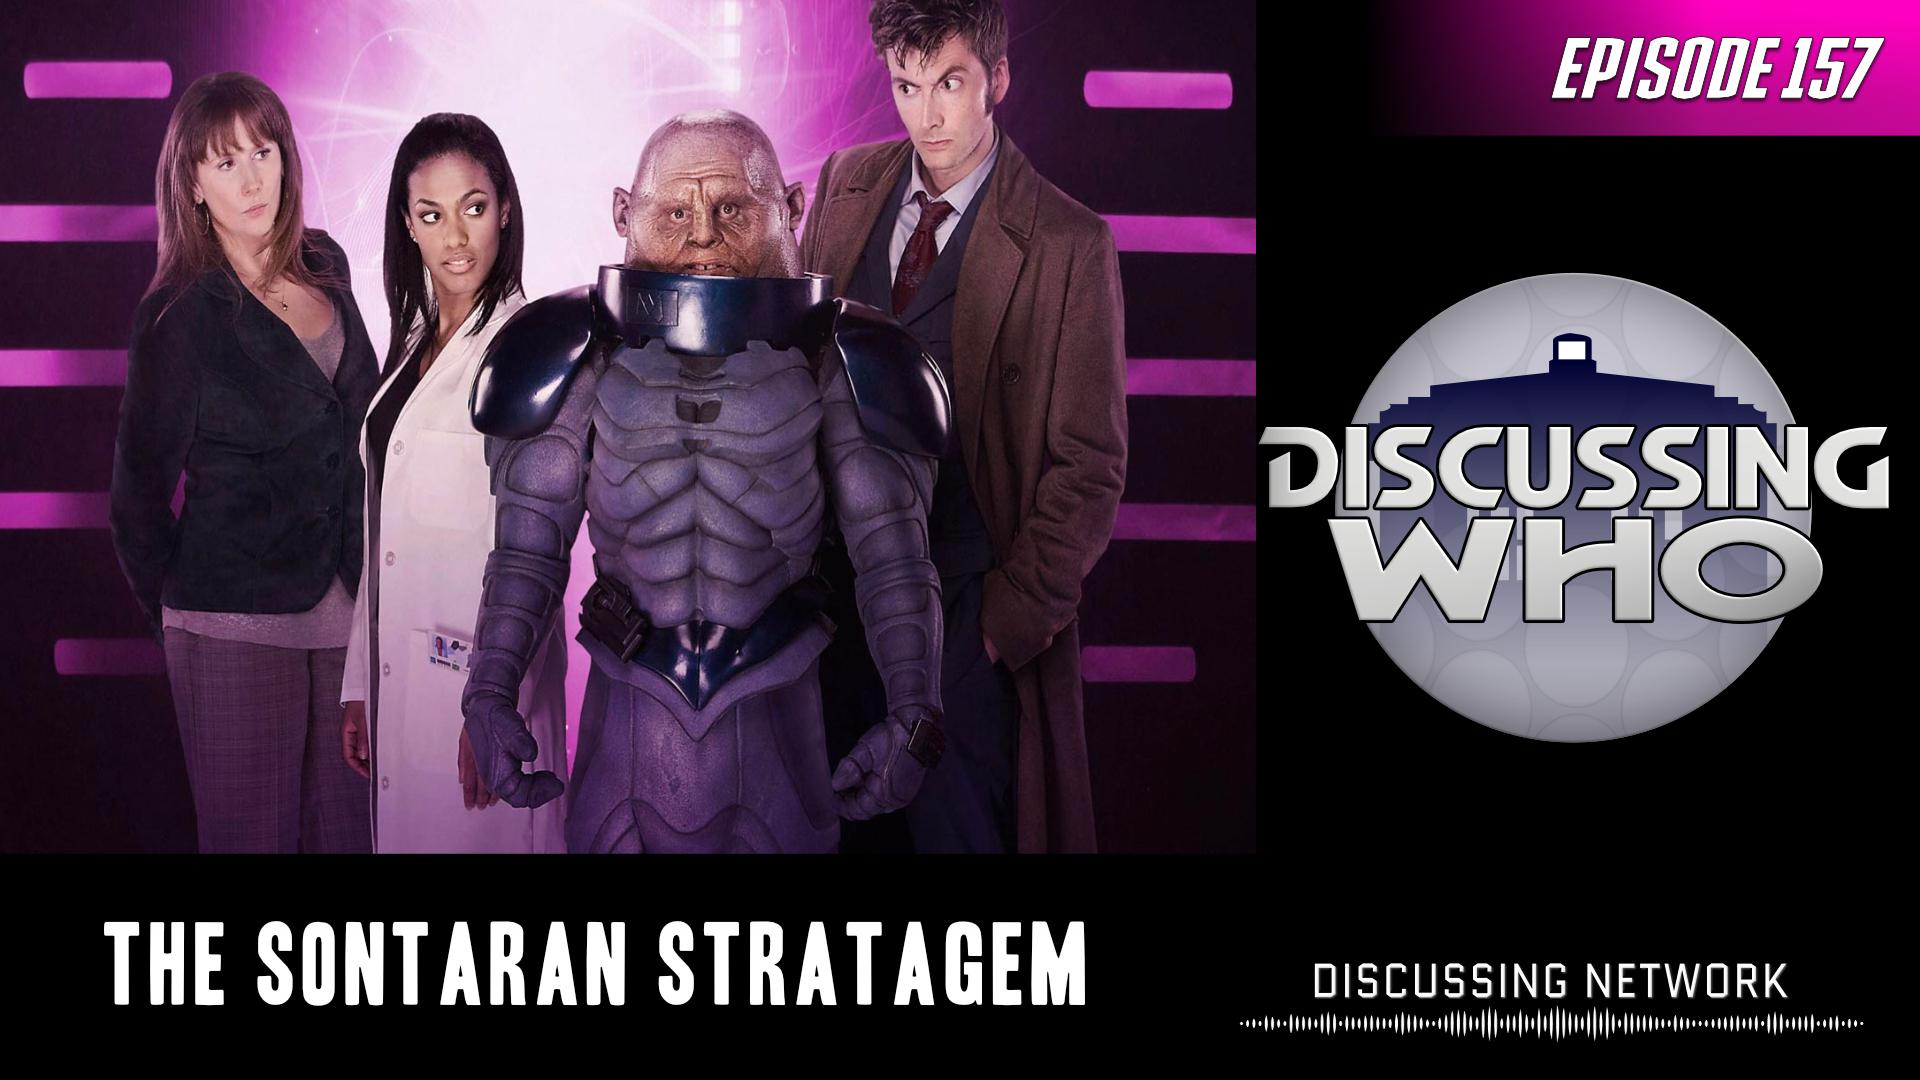 The Sontaran Statagem